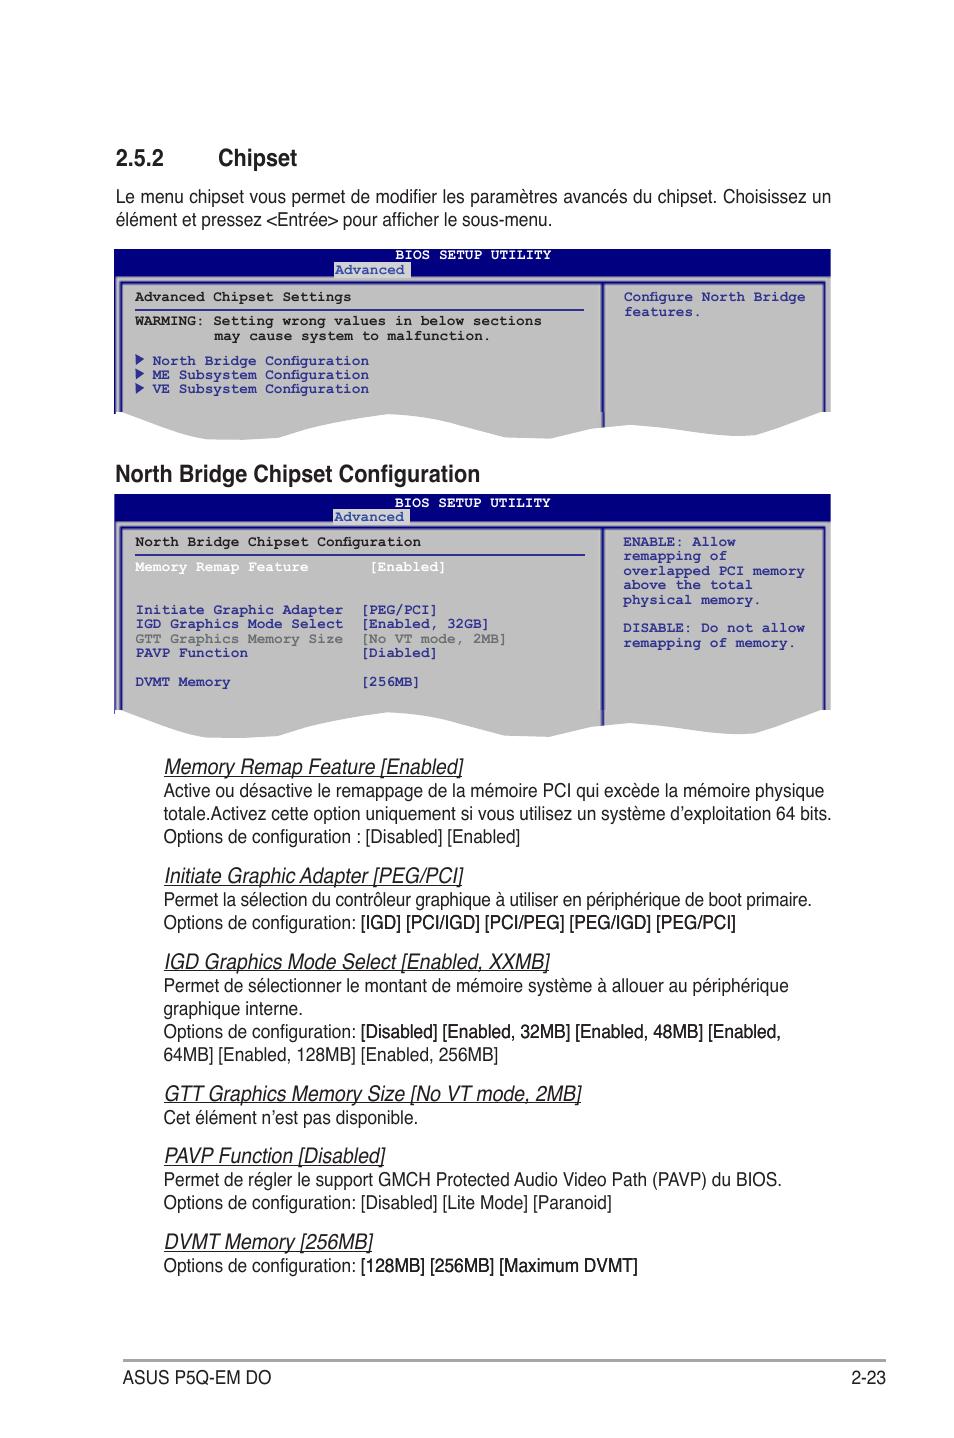 2 chipset, North bridge chipset configuration, Initiate